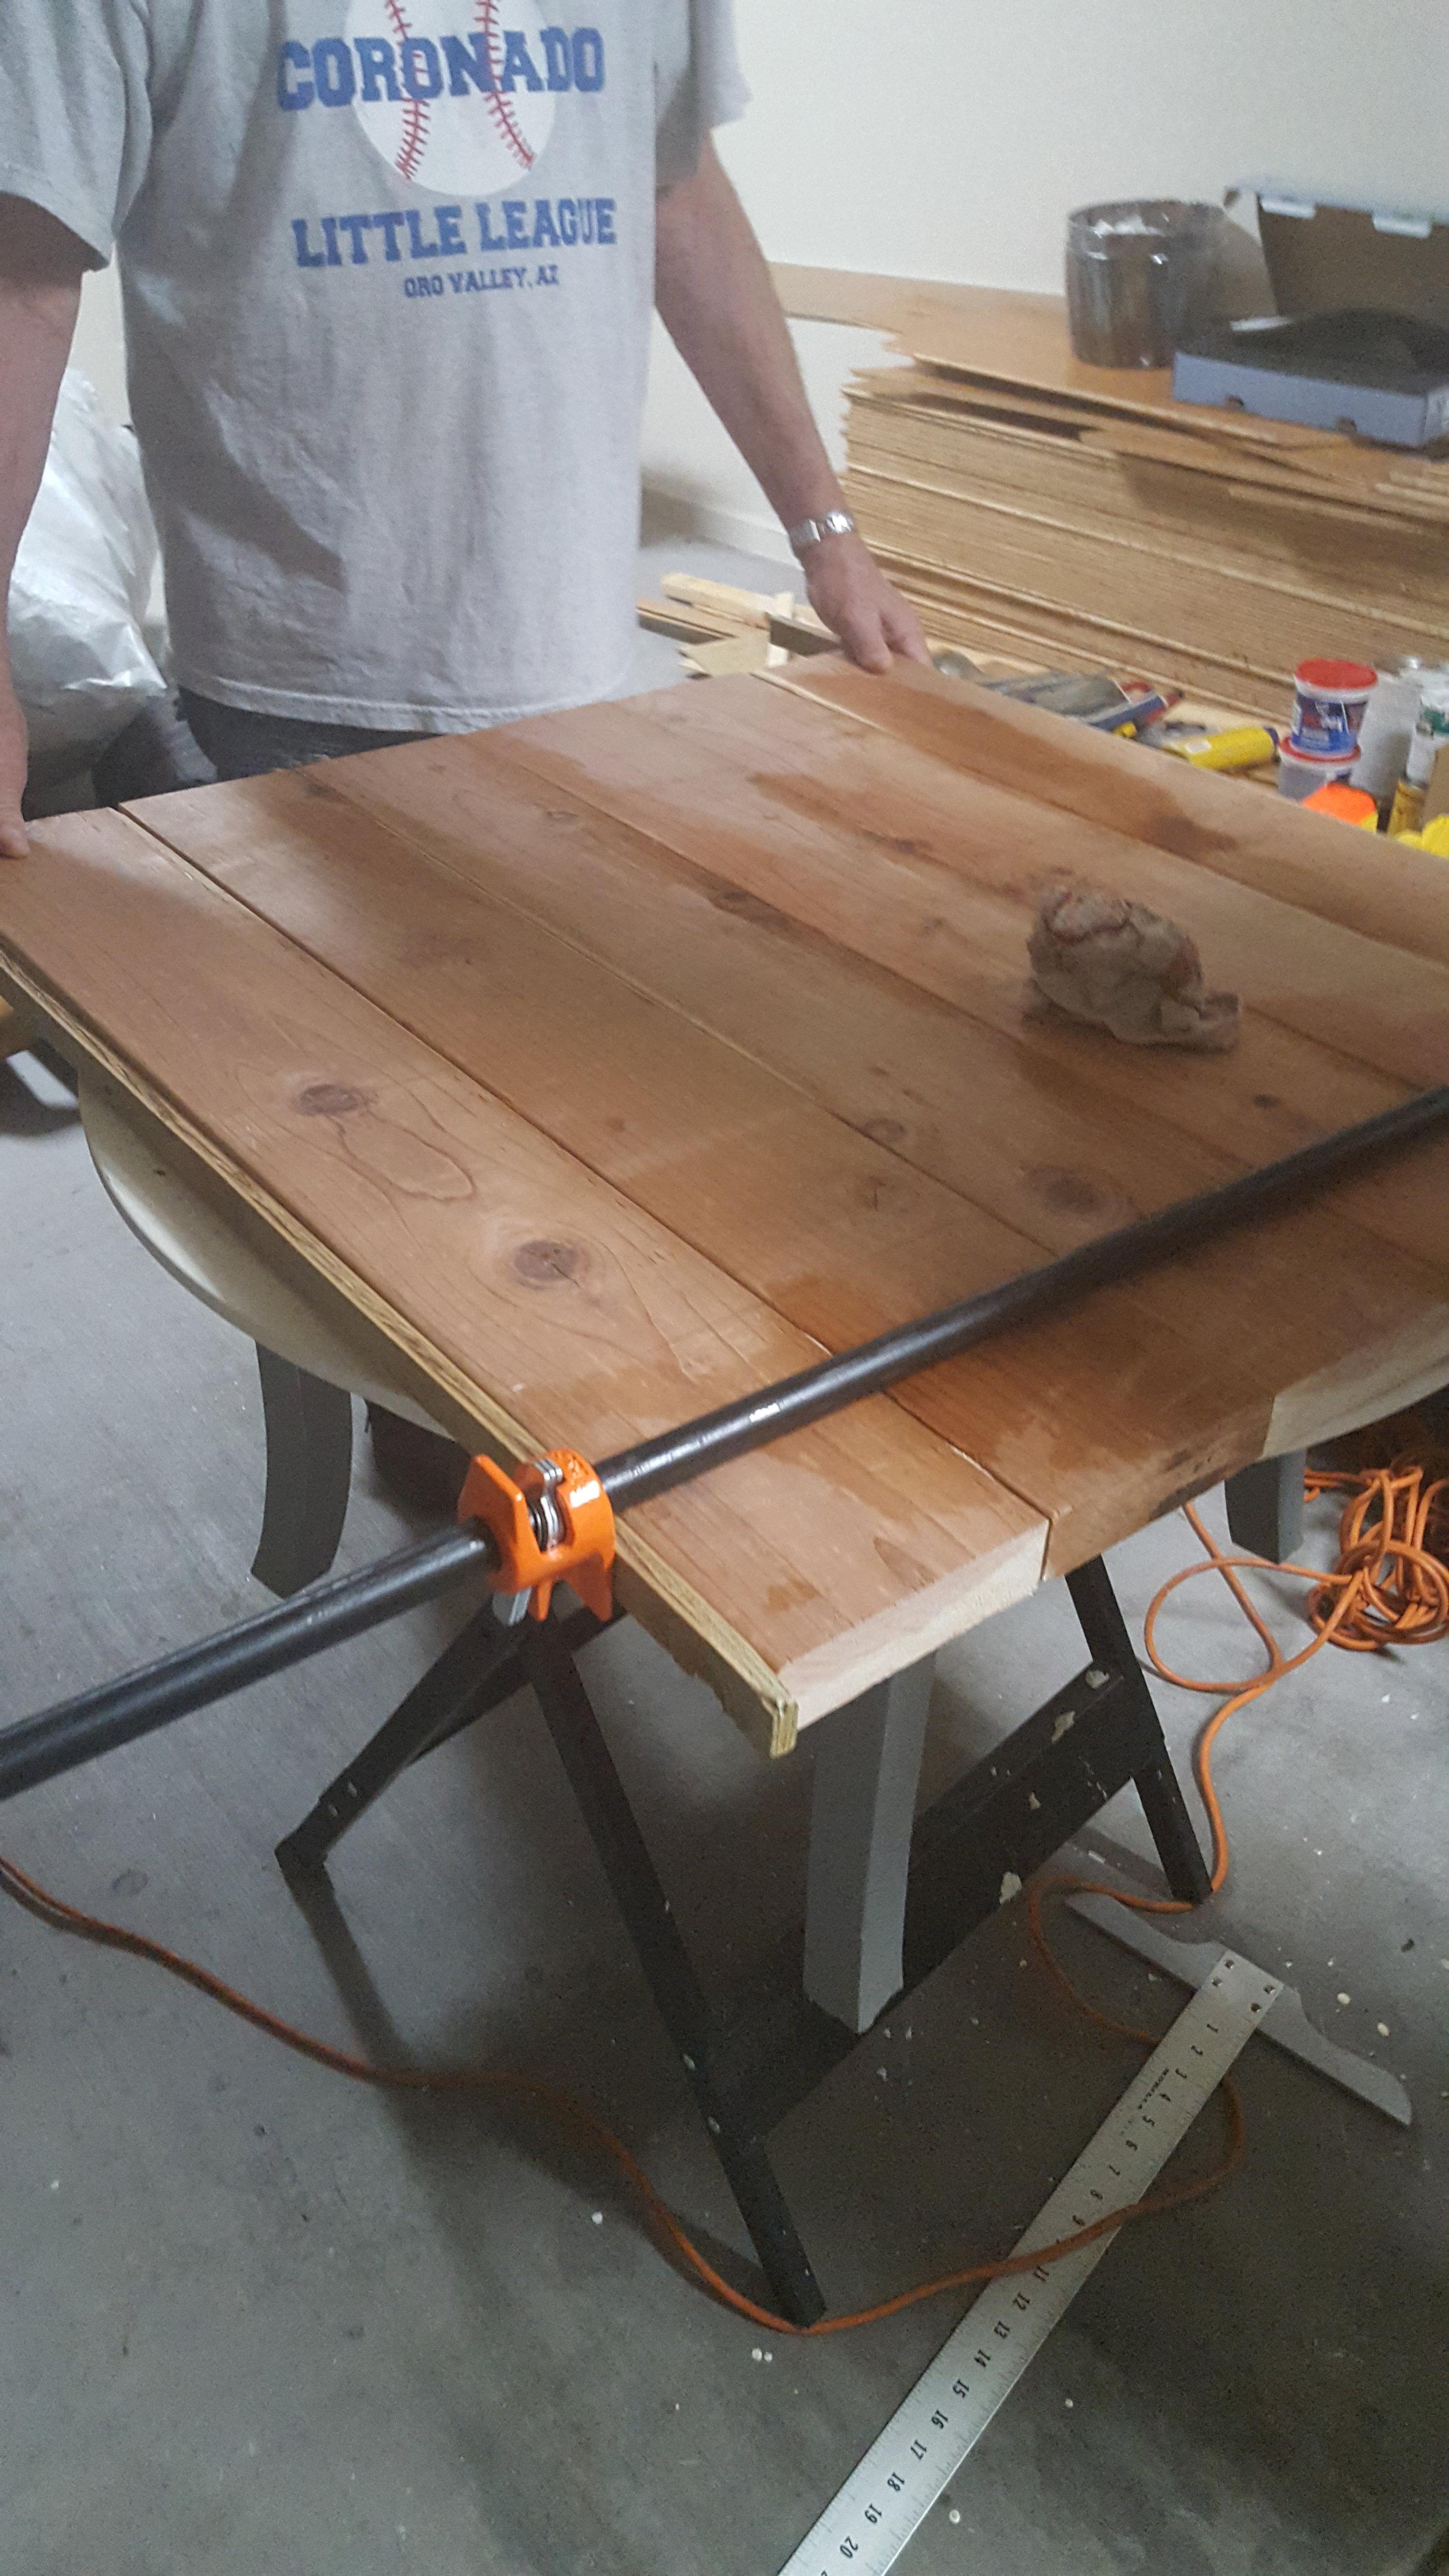 table-build-22.jpg